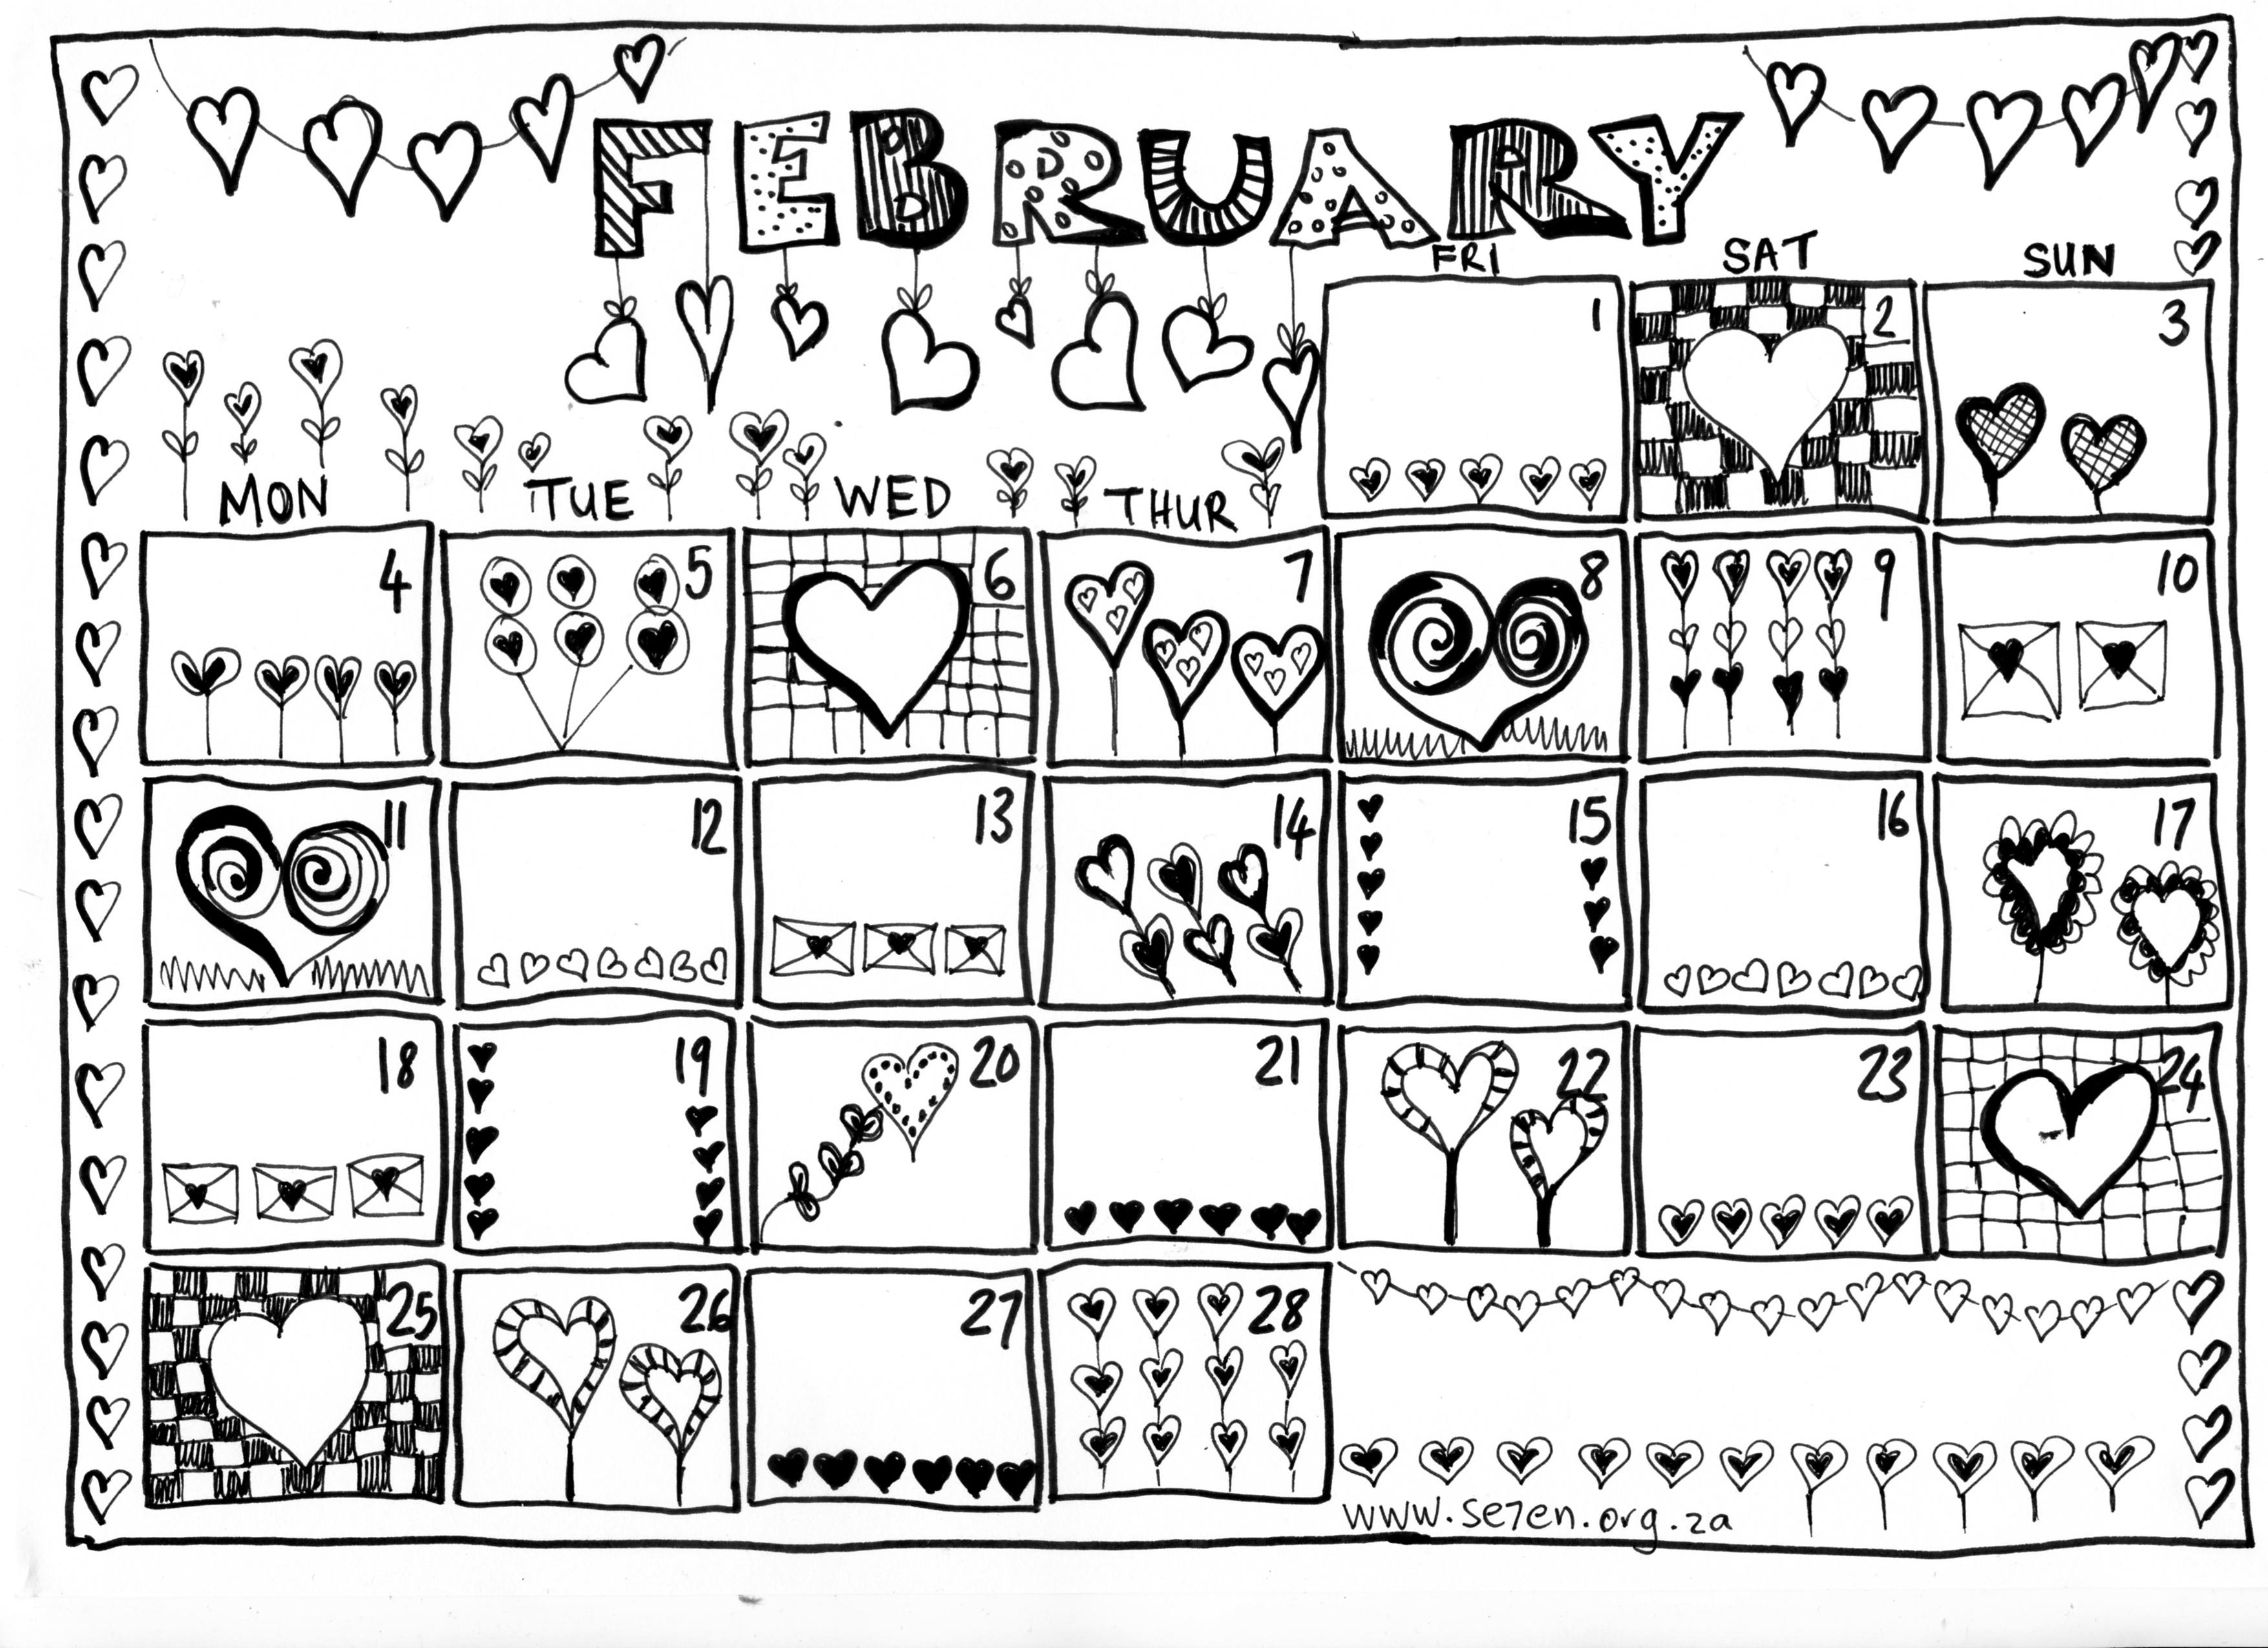 February 2013001